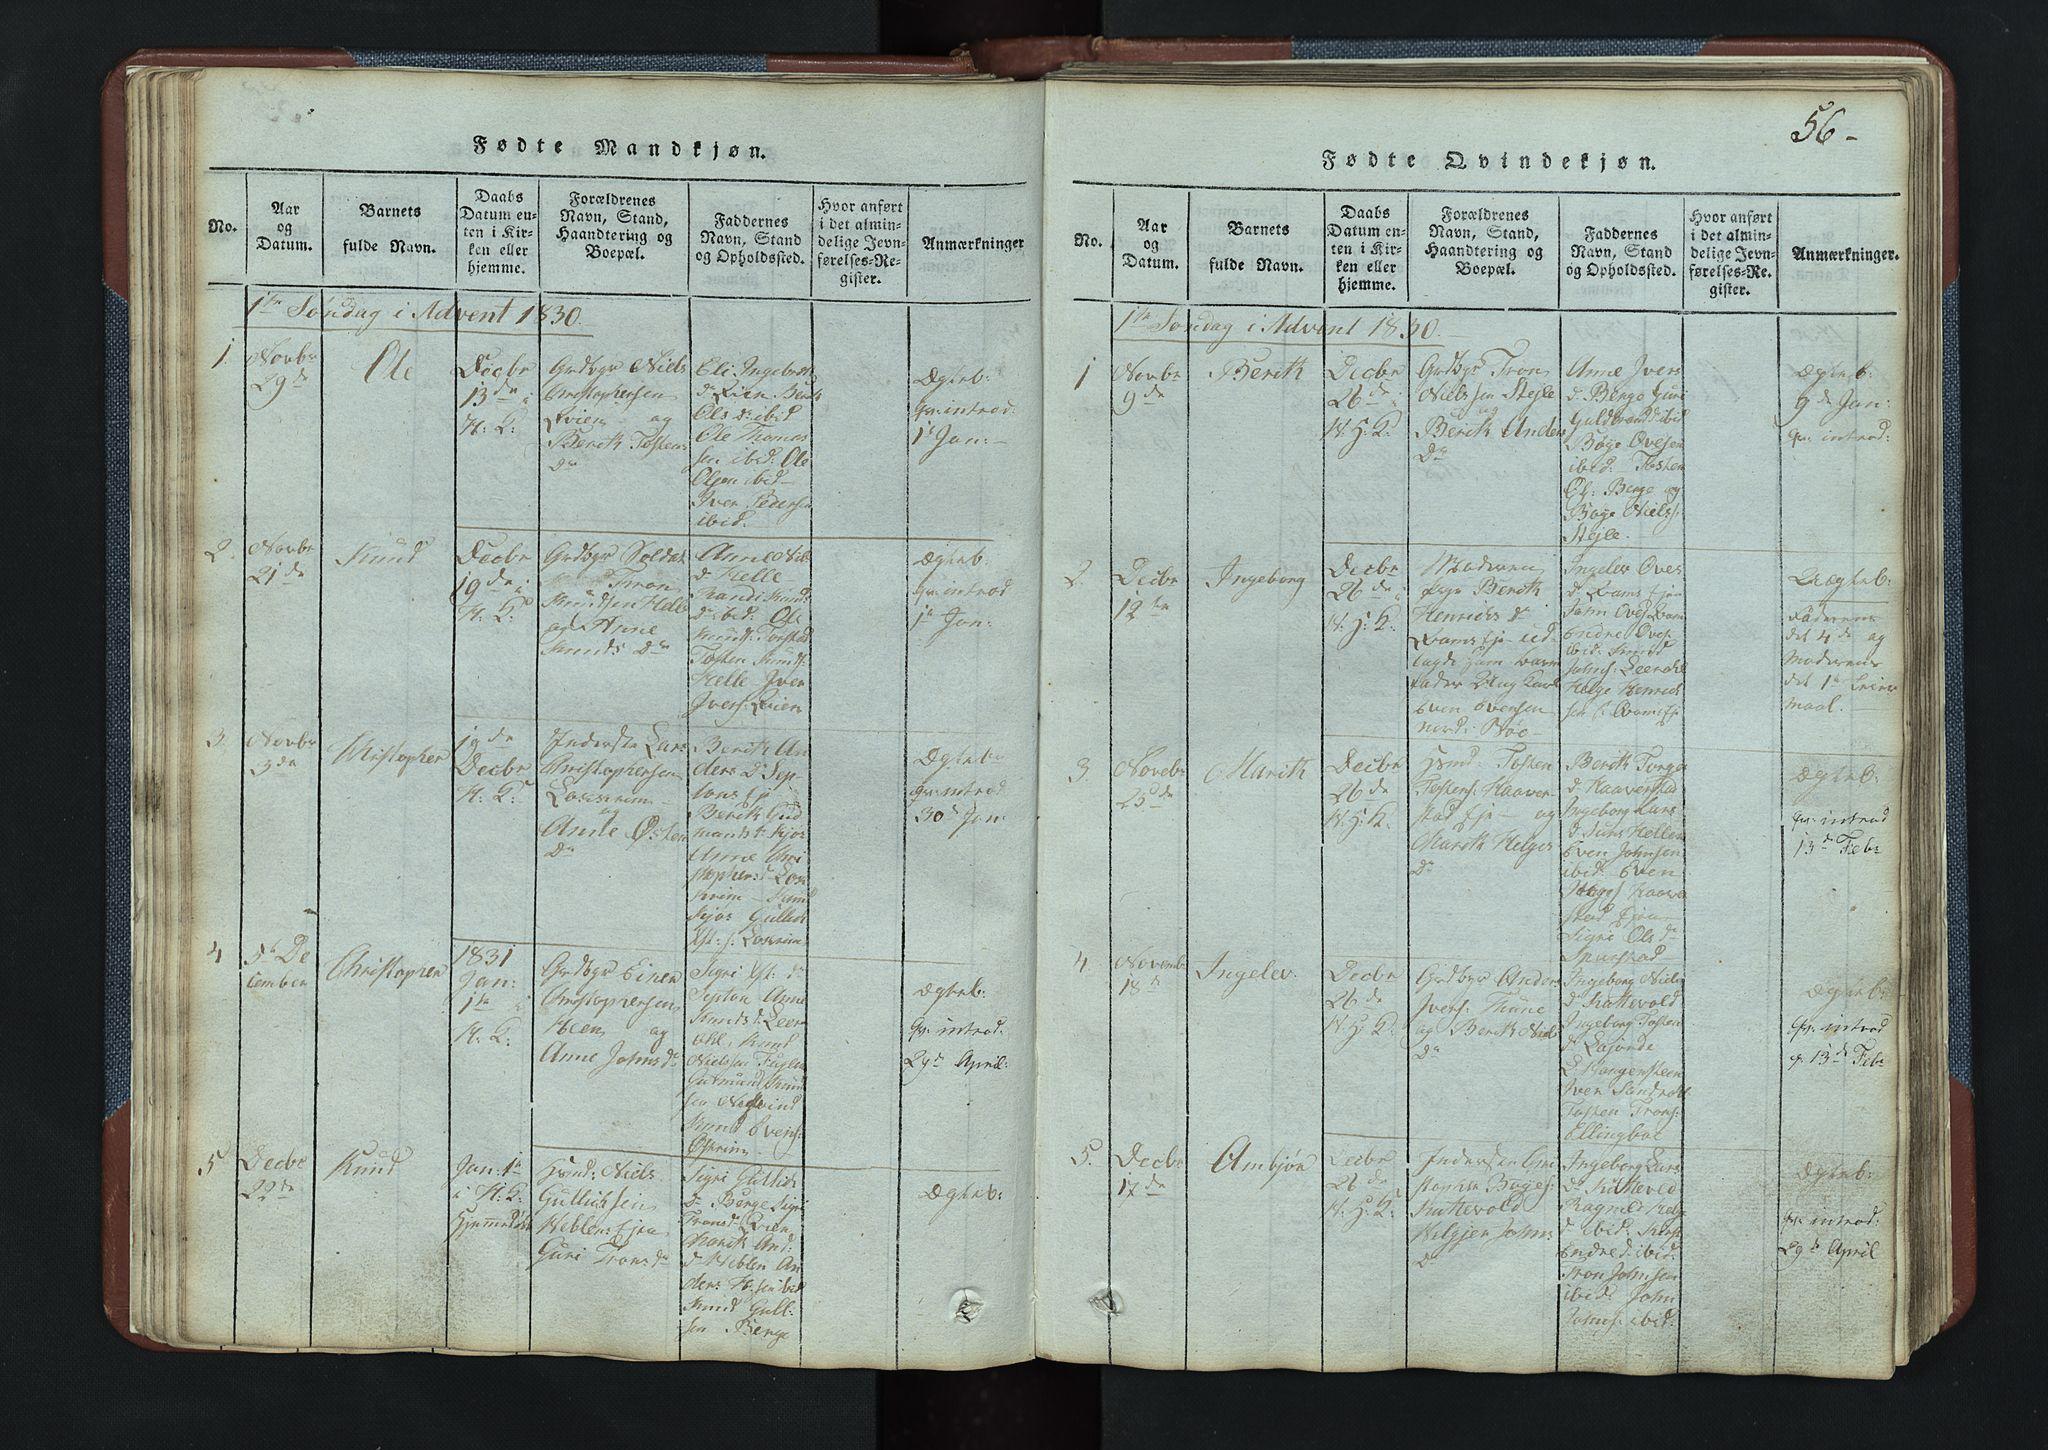 SAH, Vang prestekontor, Valdres, Klokkerbok nr. 3, 1814-1892, s. 56